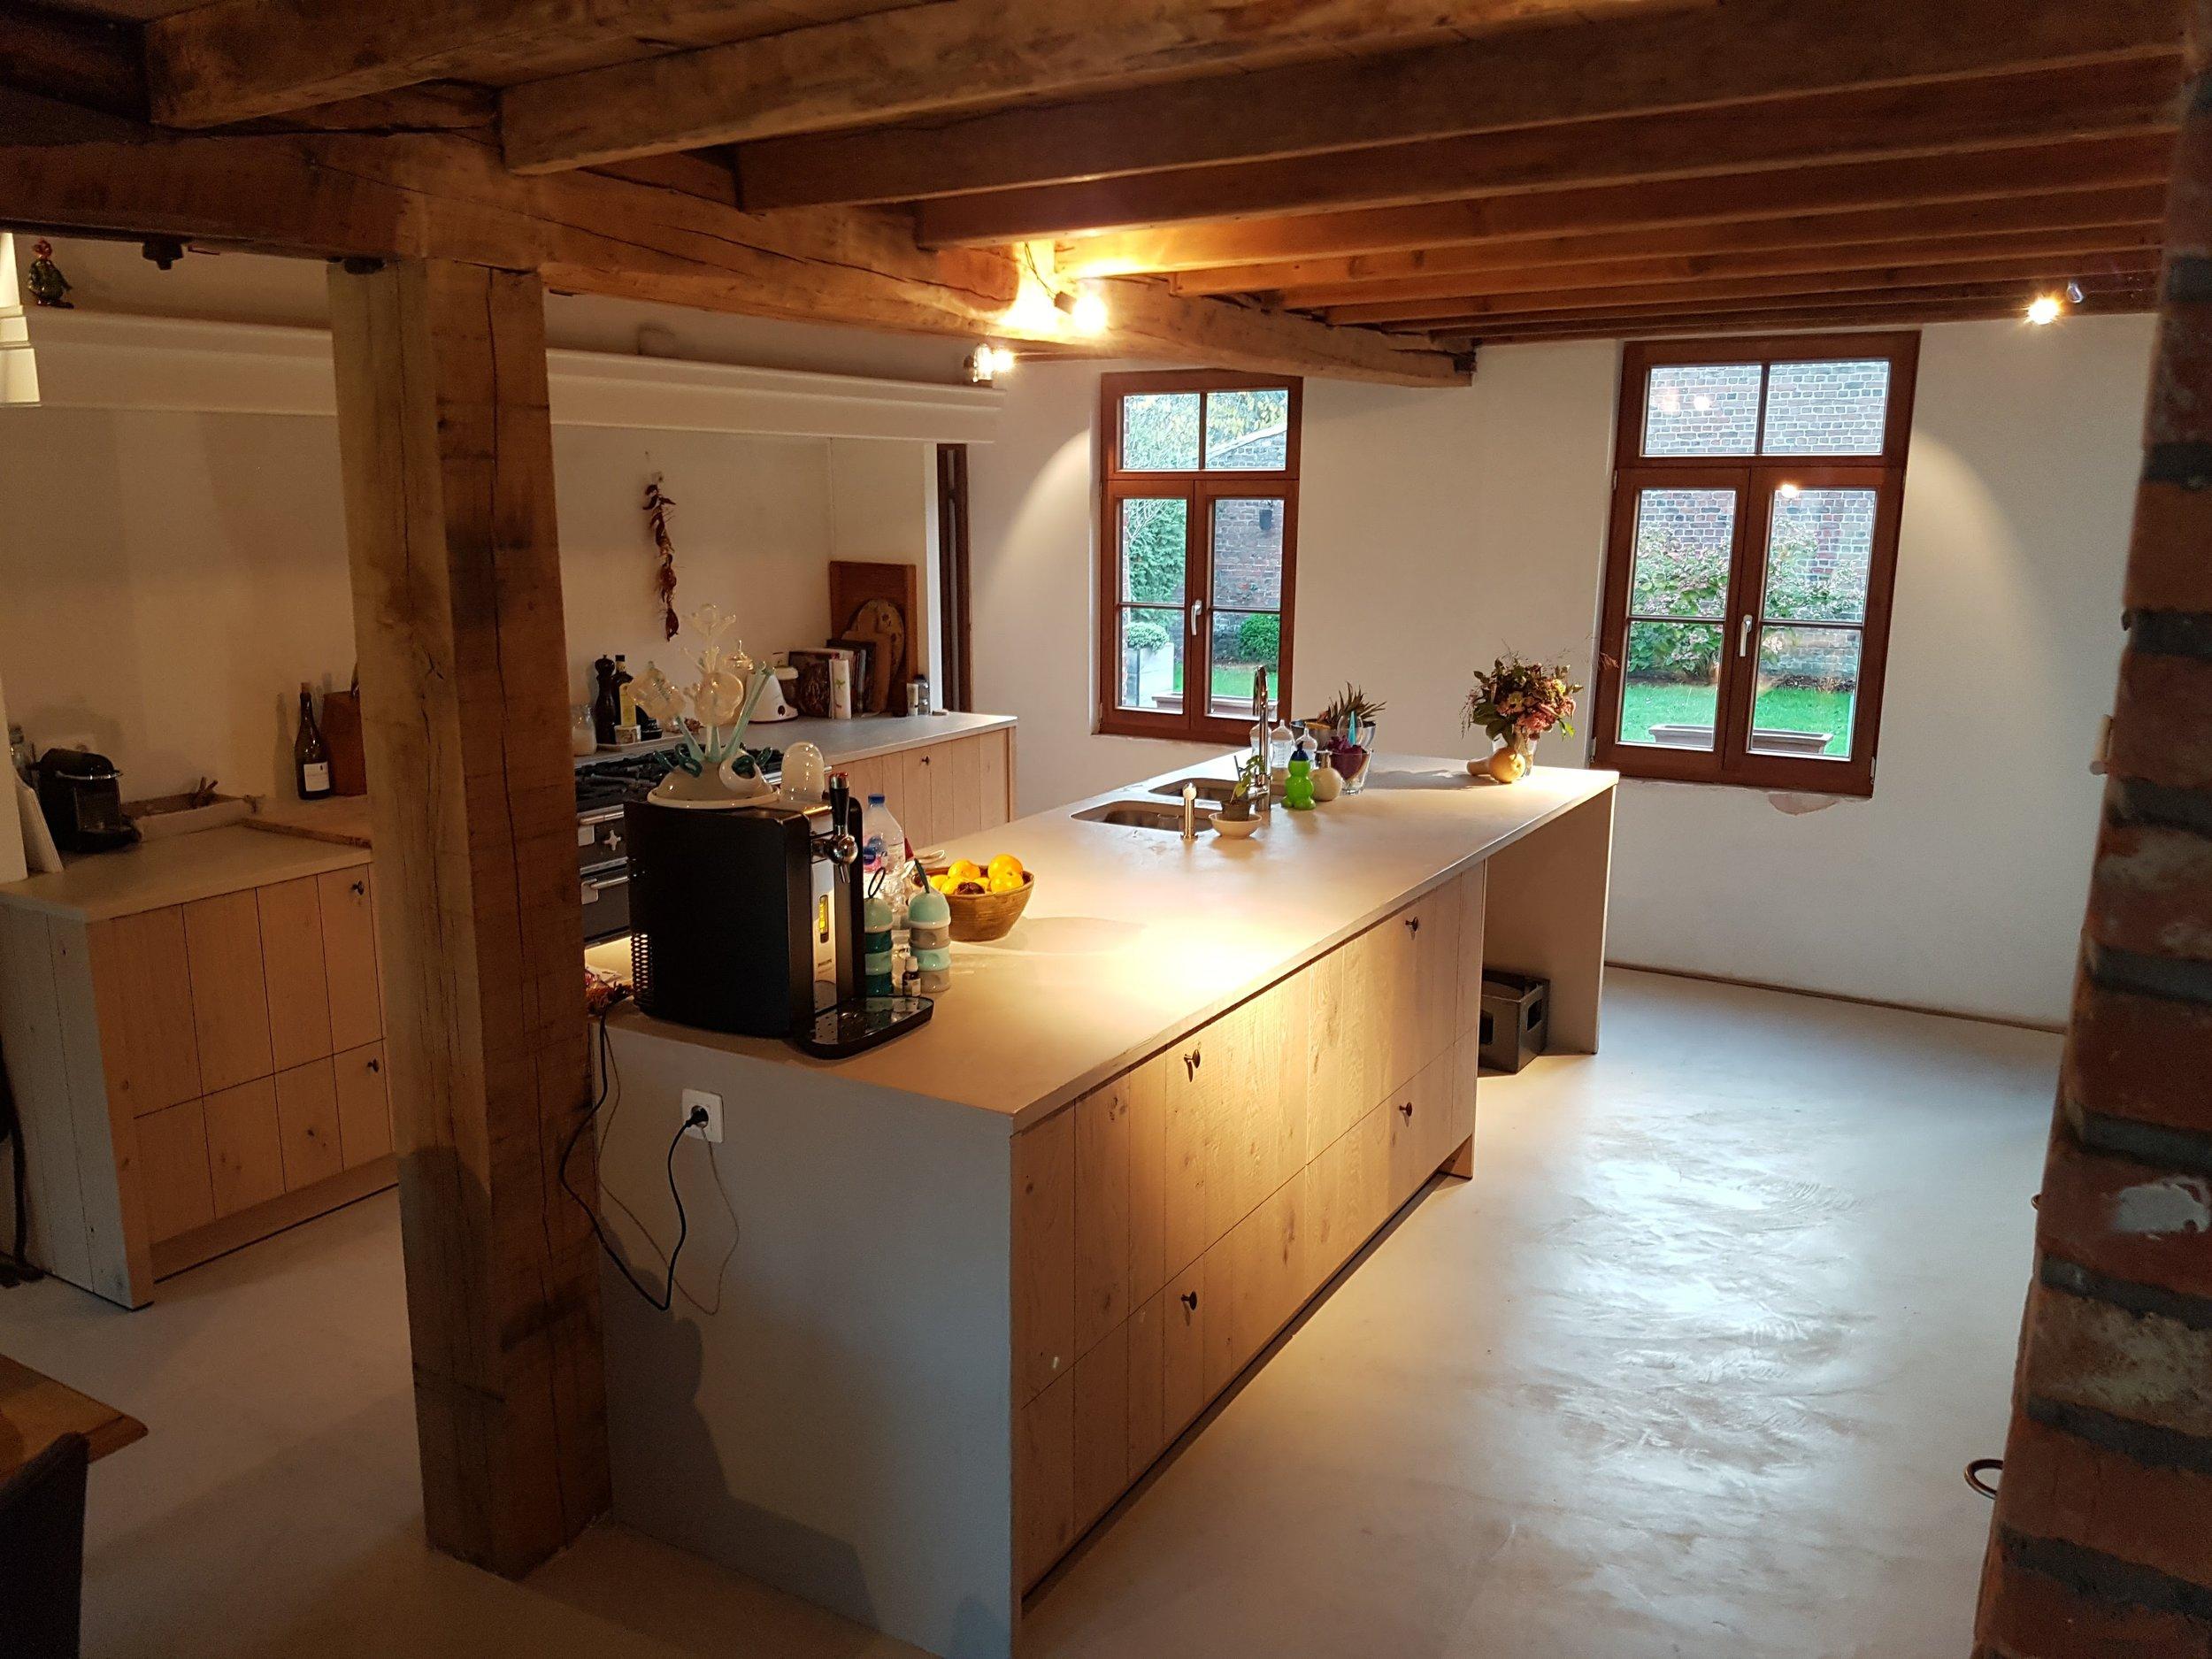 keuken mortex beton ciré microtopping